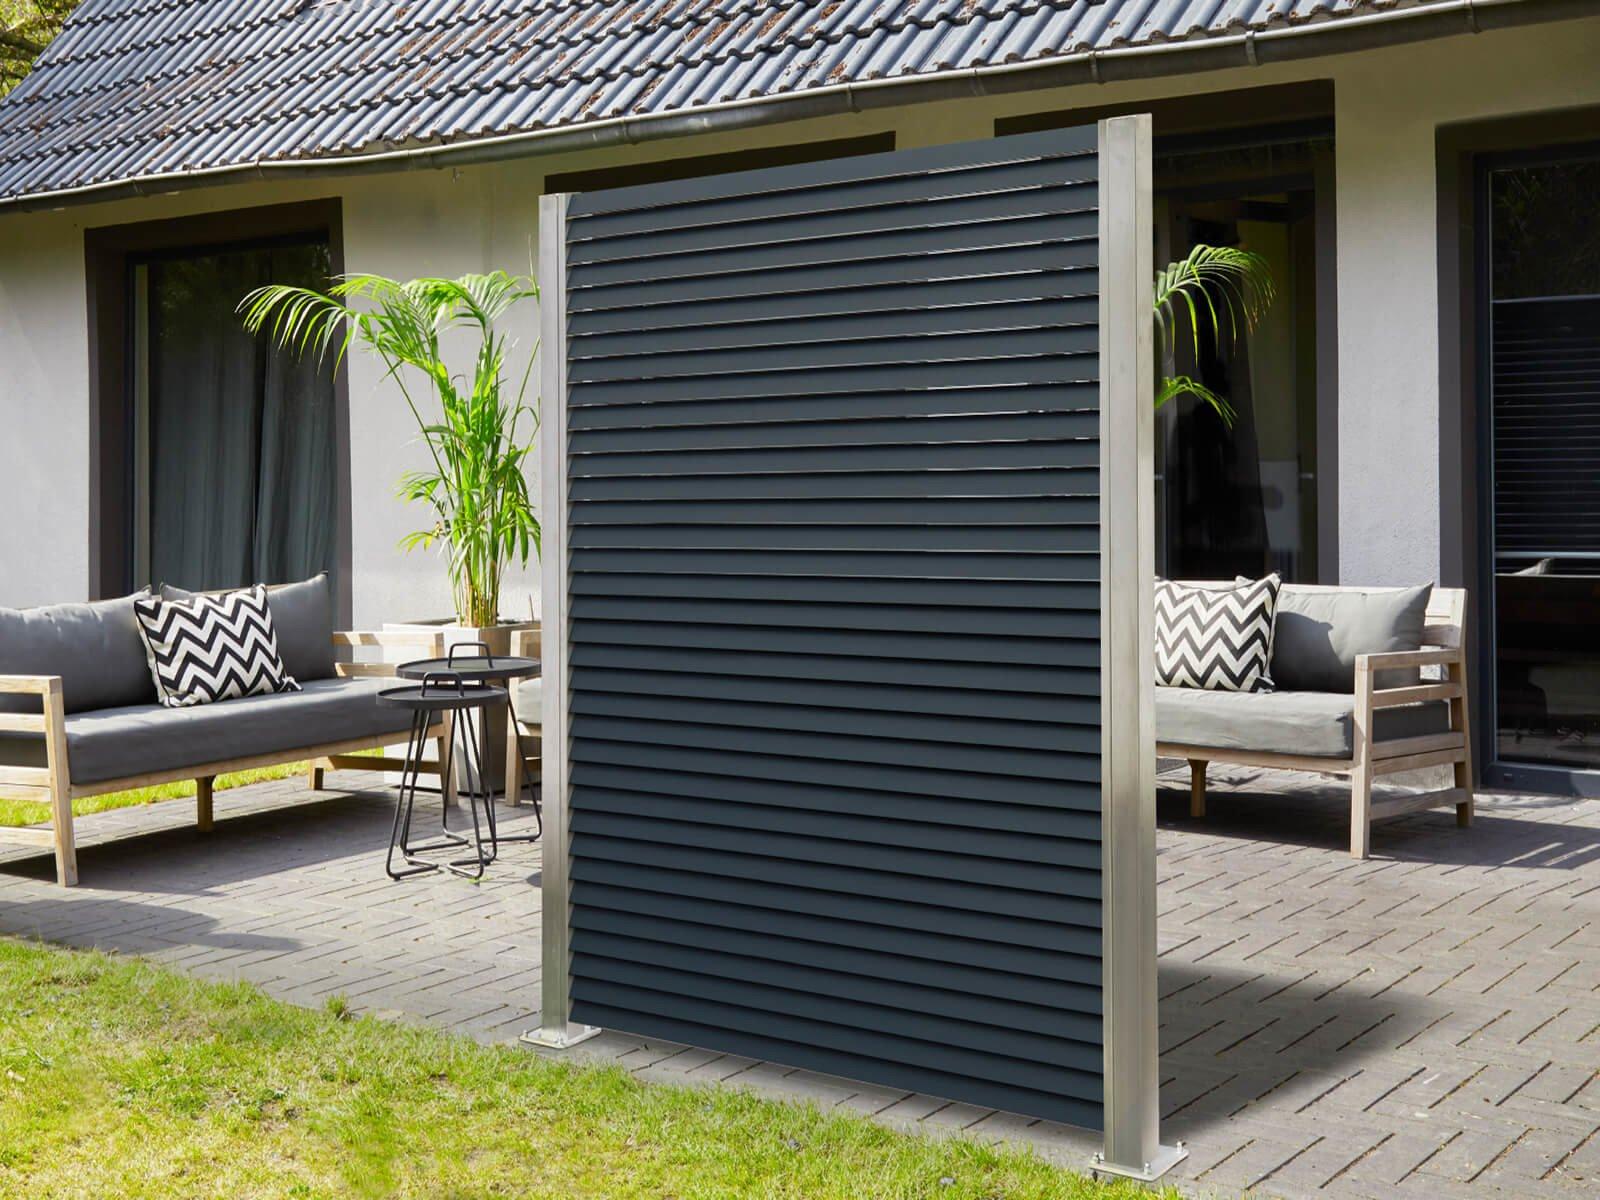 Lamellenzaun mit Lamellen aus Aluminium in Anthrazit eine elegante Lösung für Windschutz und Sichtschutz im Outdoor Bereich